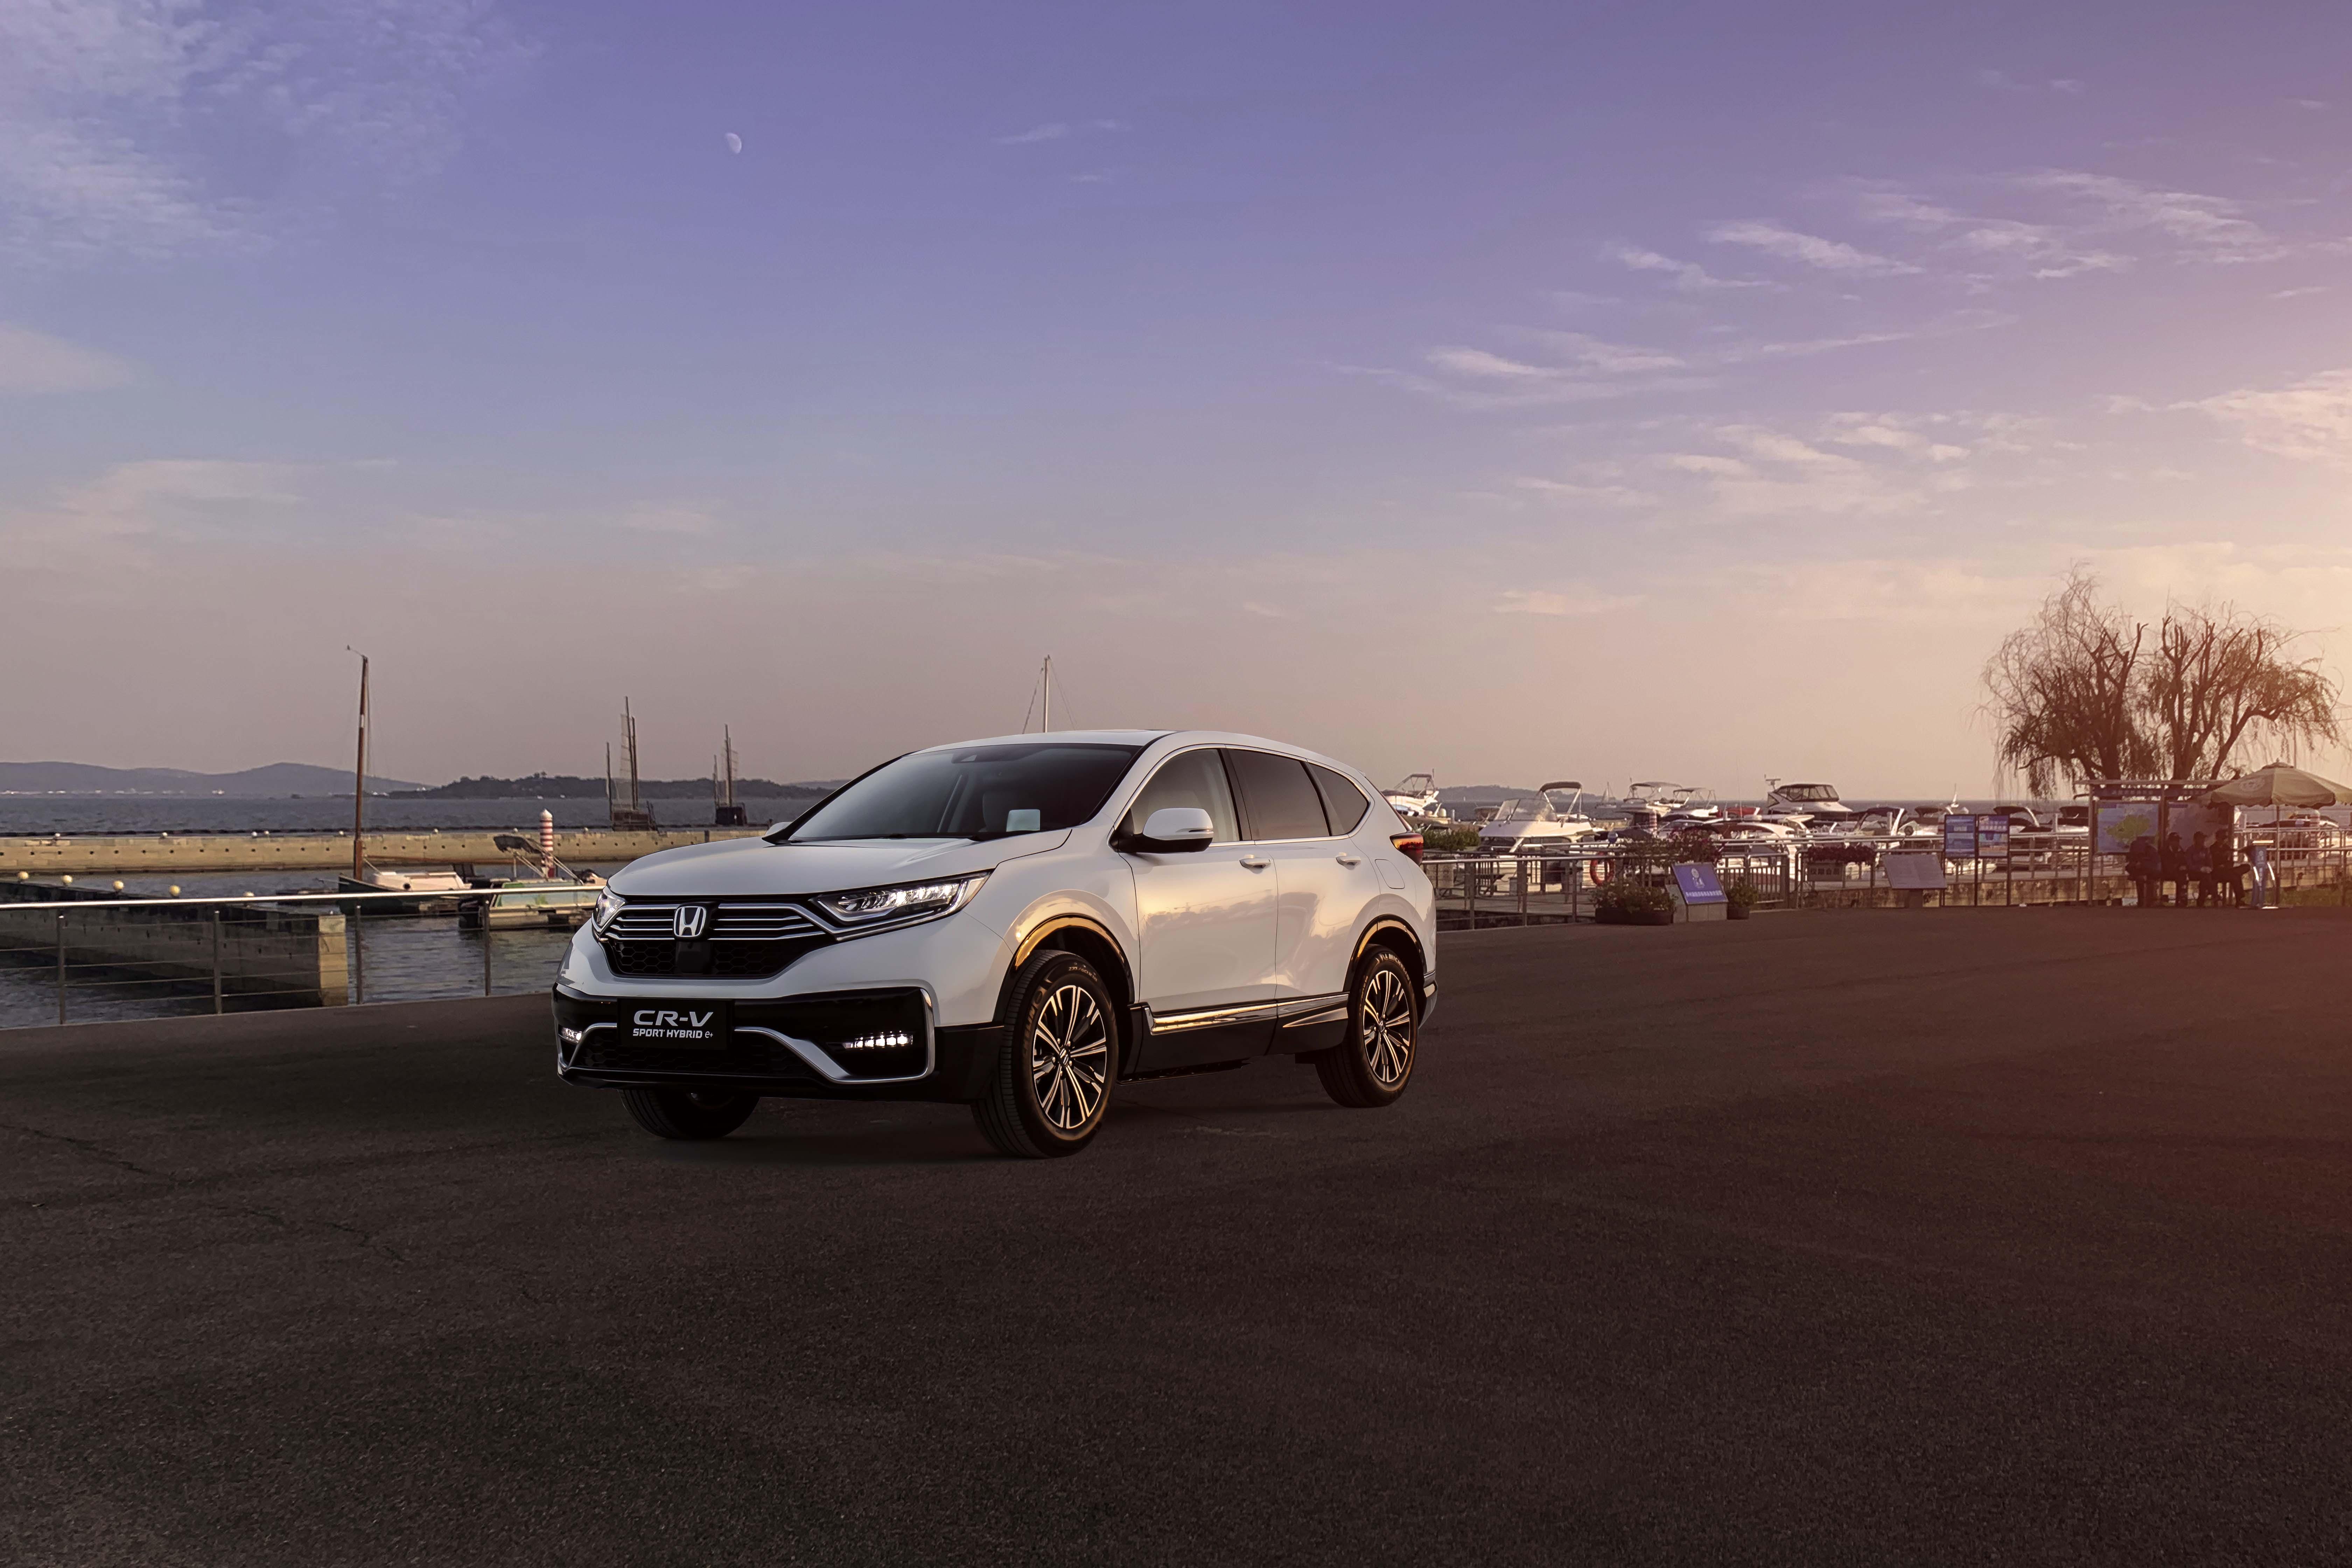 售价27.38万元起,东风Honda CR-V锐·混动e+正式上市 | 一线车讯